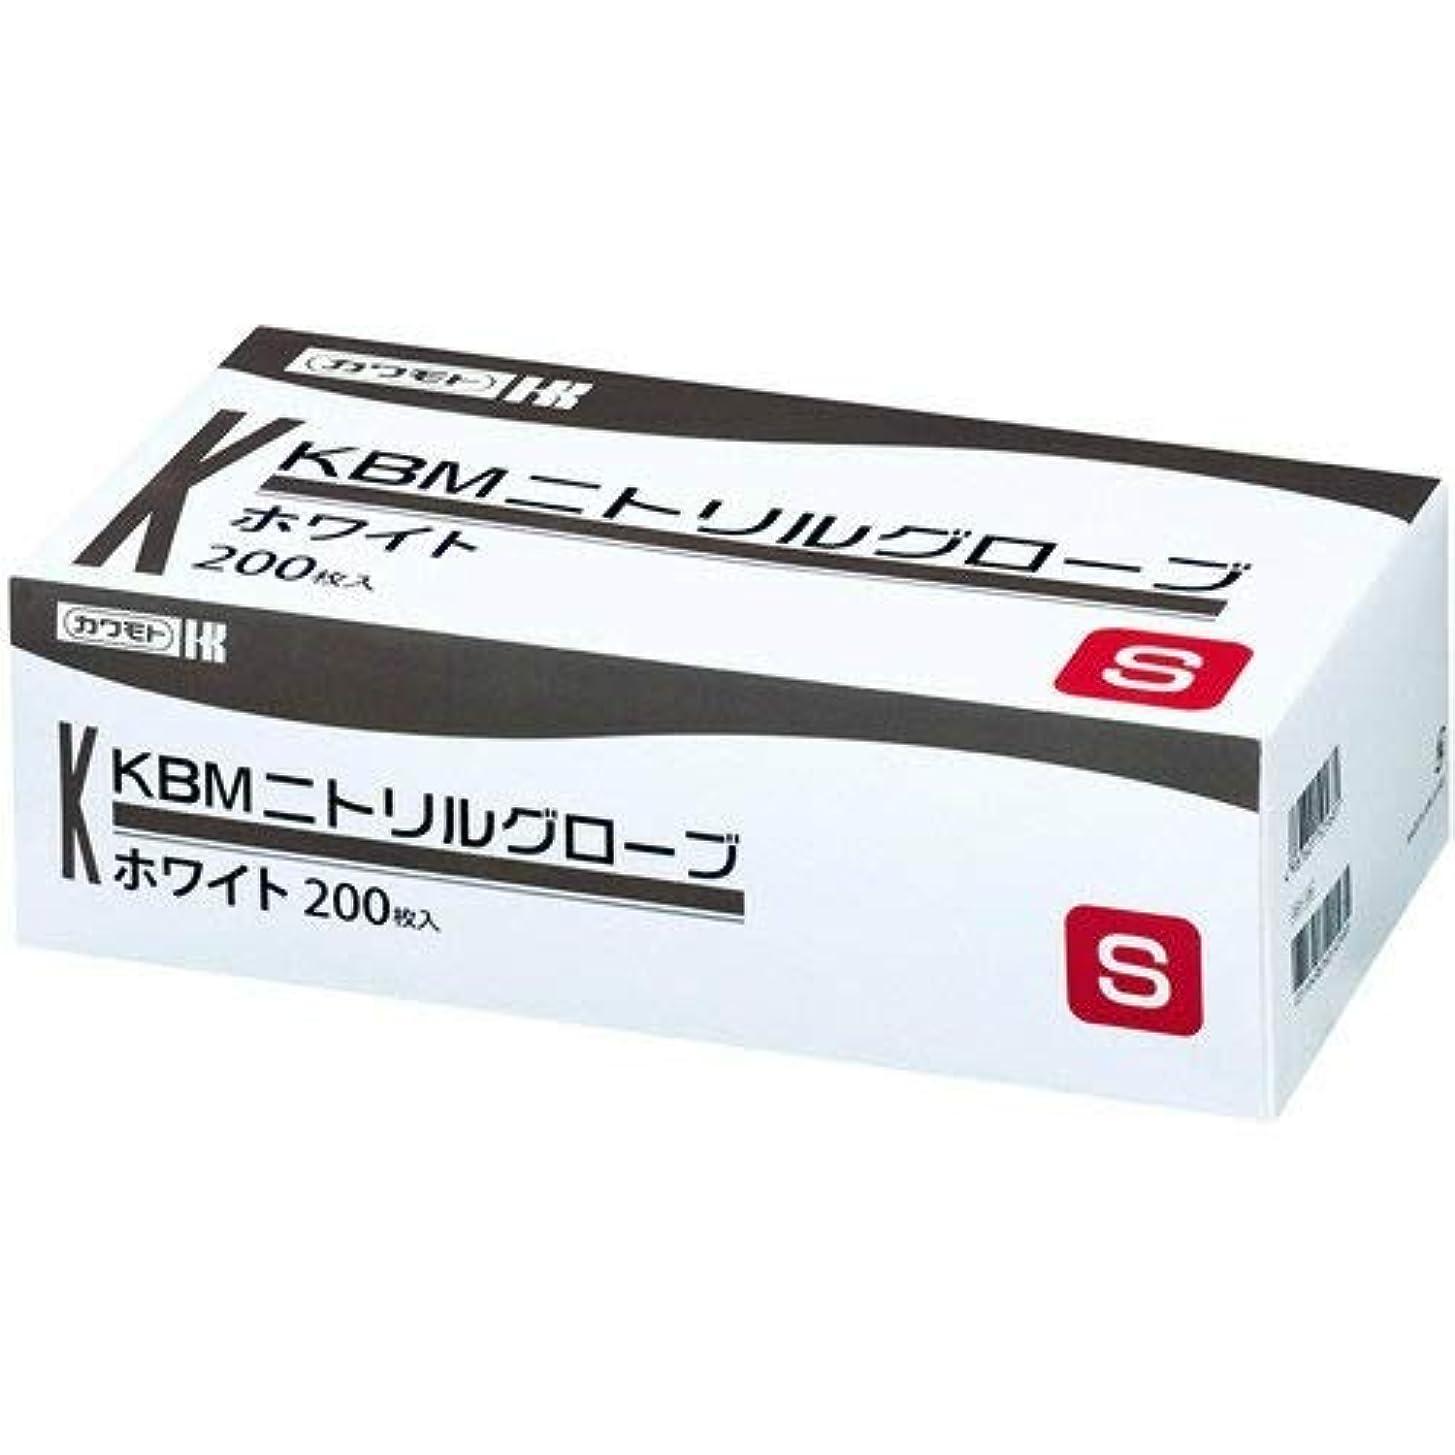 詩日付かもめ川本産業 カワモト ニトリルグローブ ホワイト S 200枚入